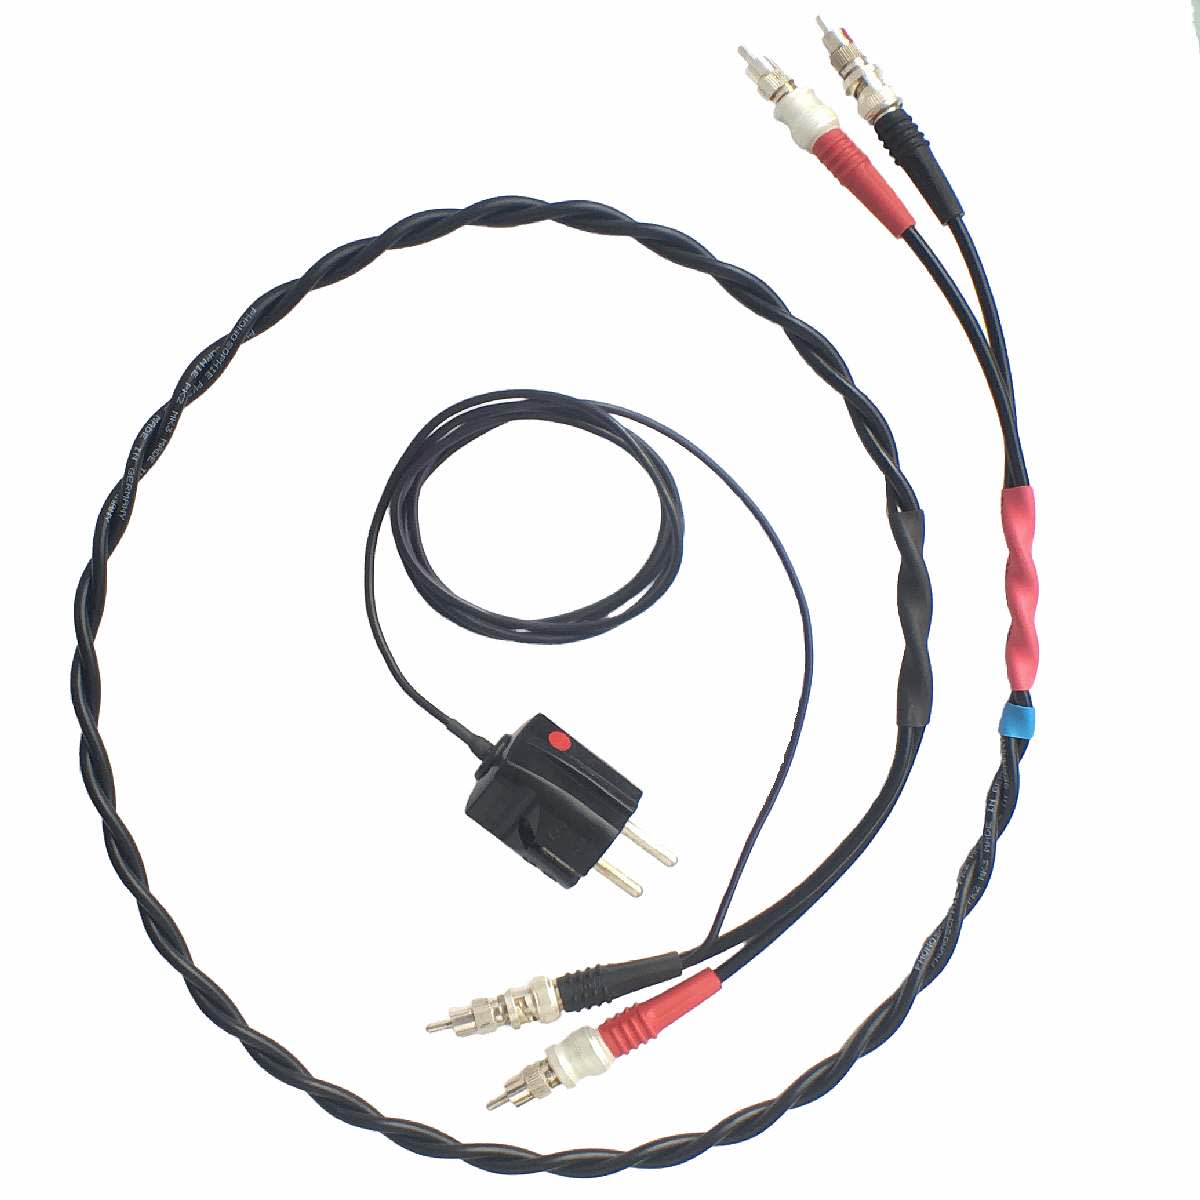 Phonosophie Nf Kabel 2 Mk 31 Mit Erdungsstecker Wiring Accessories